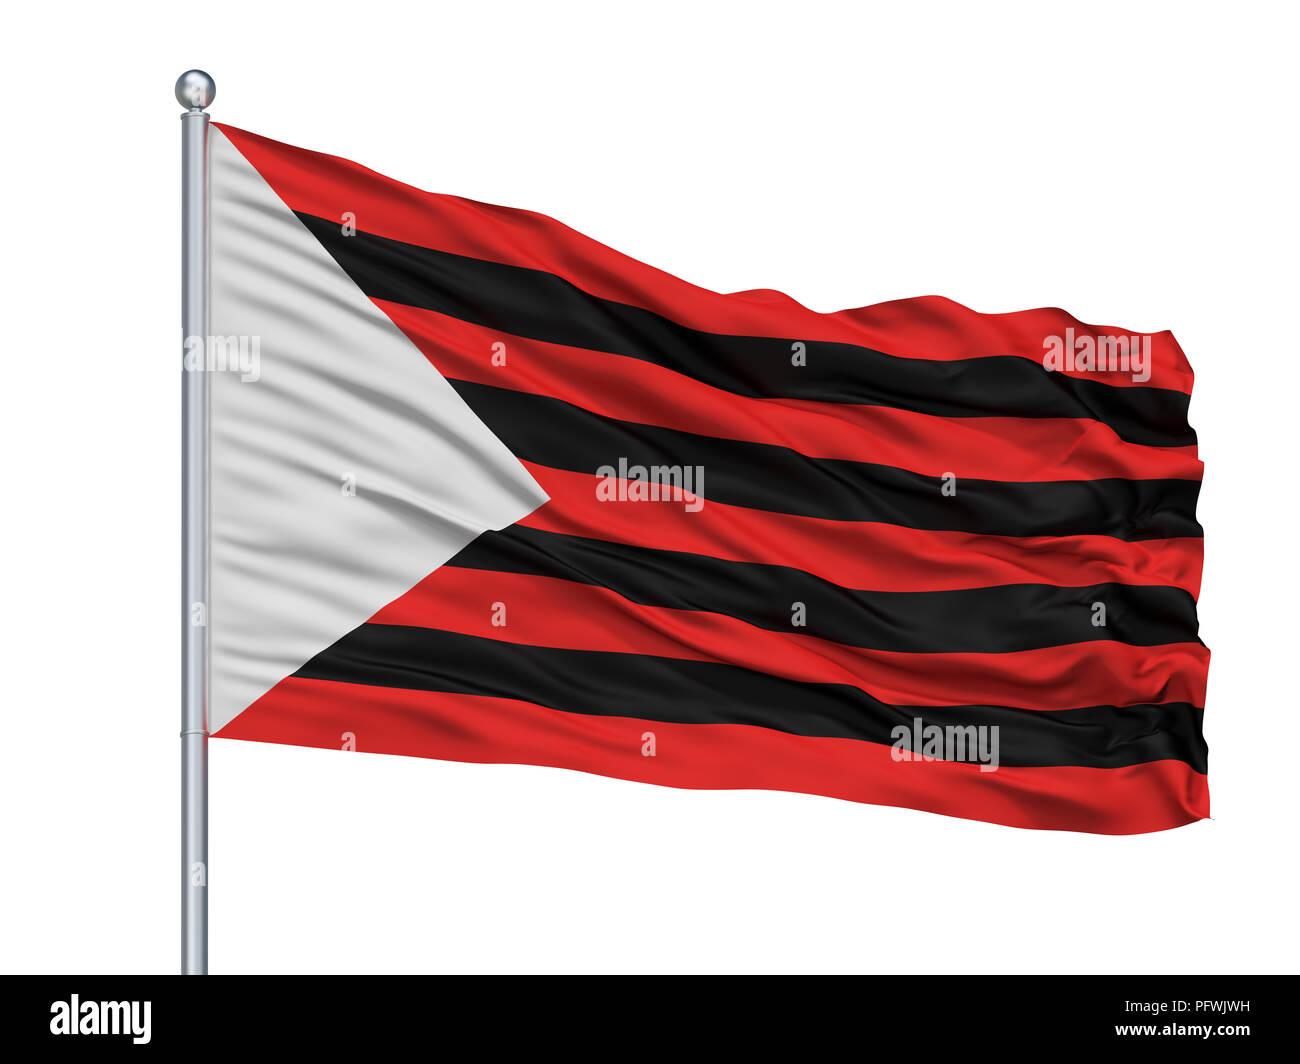 Zapopan City Flag On Flagpole, Mexico, Isolated On White Background - Stock Image